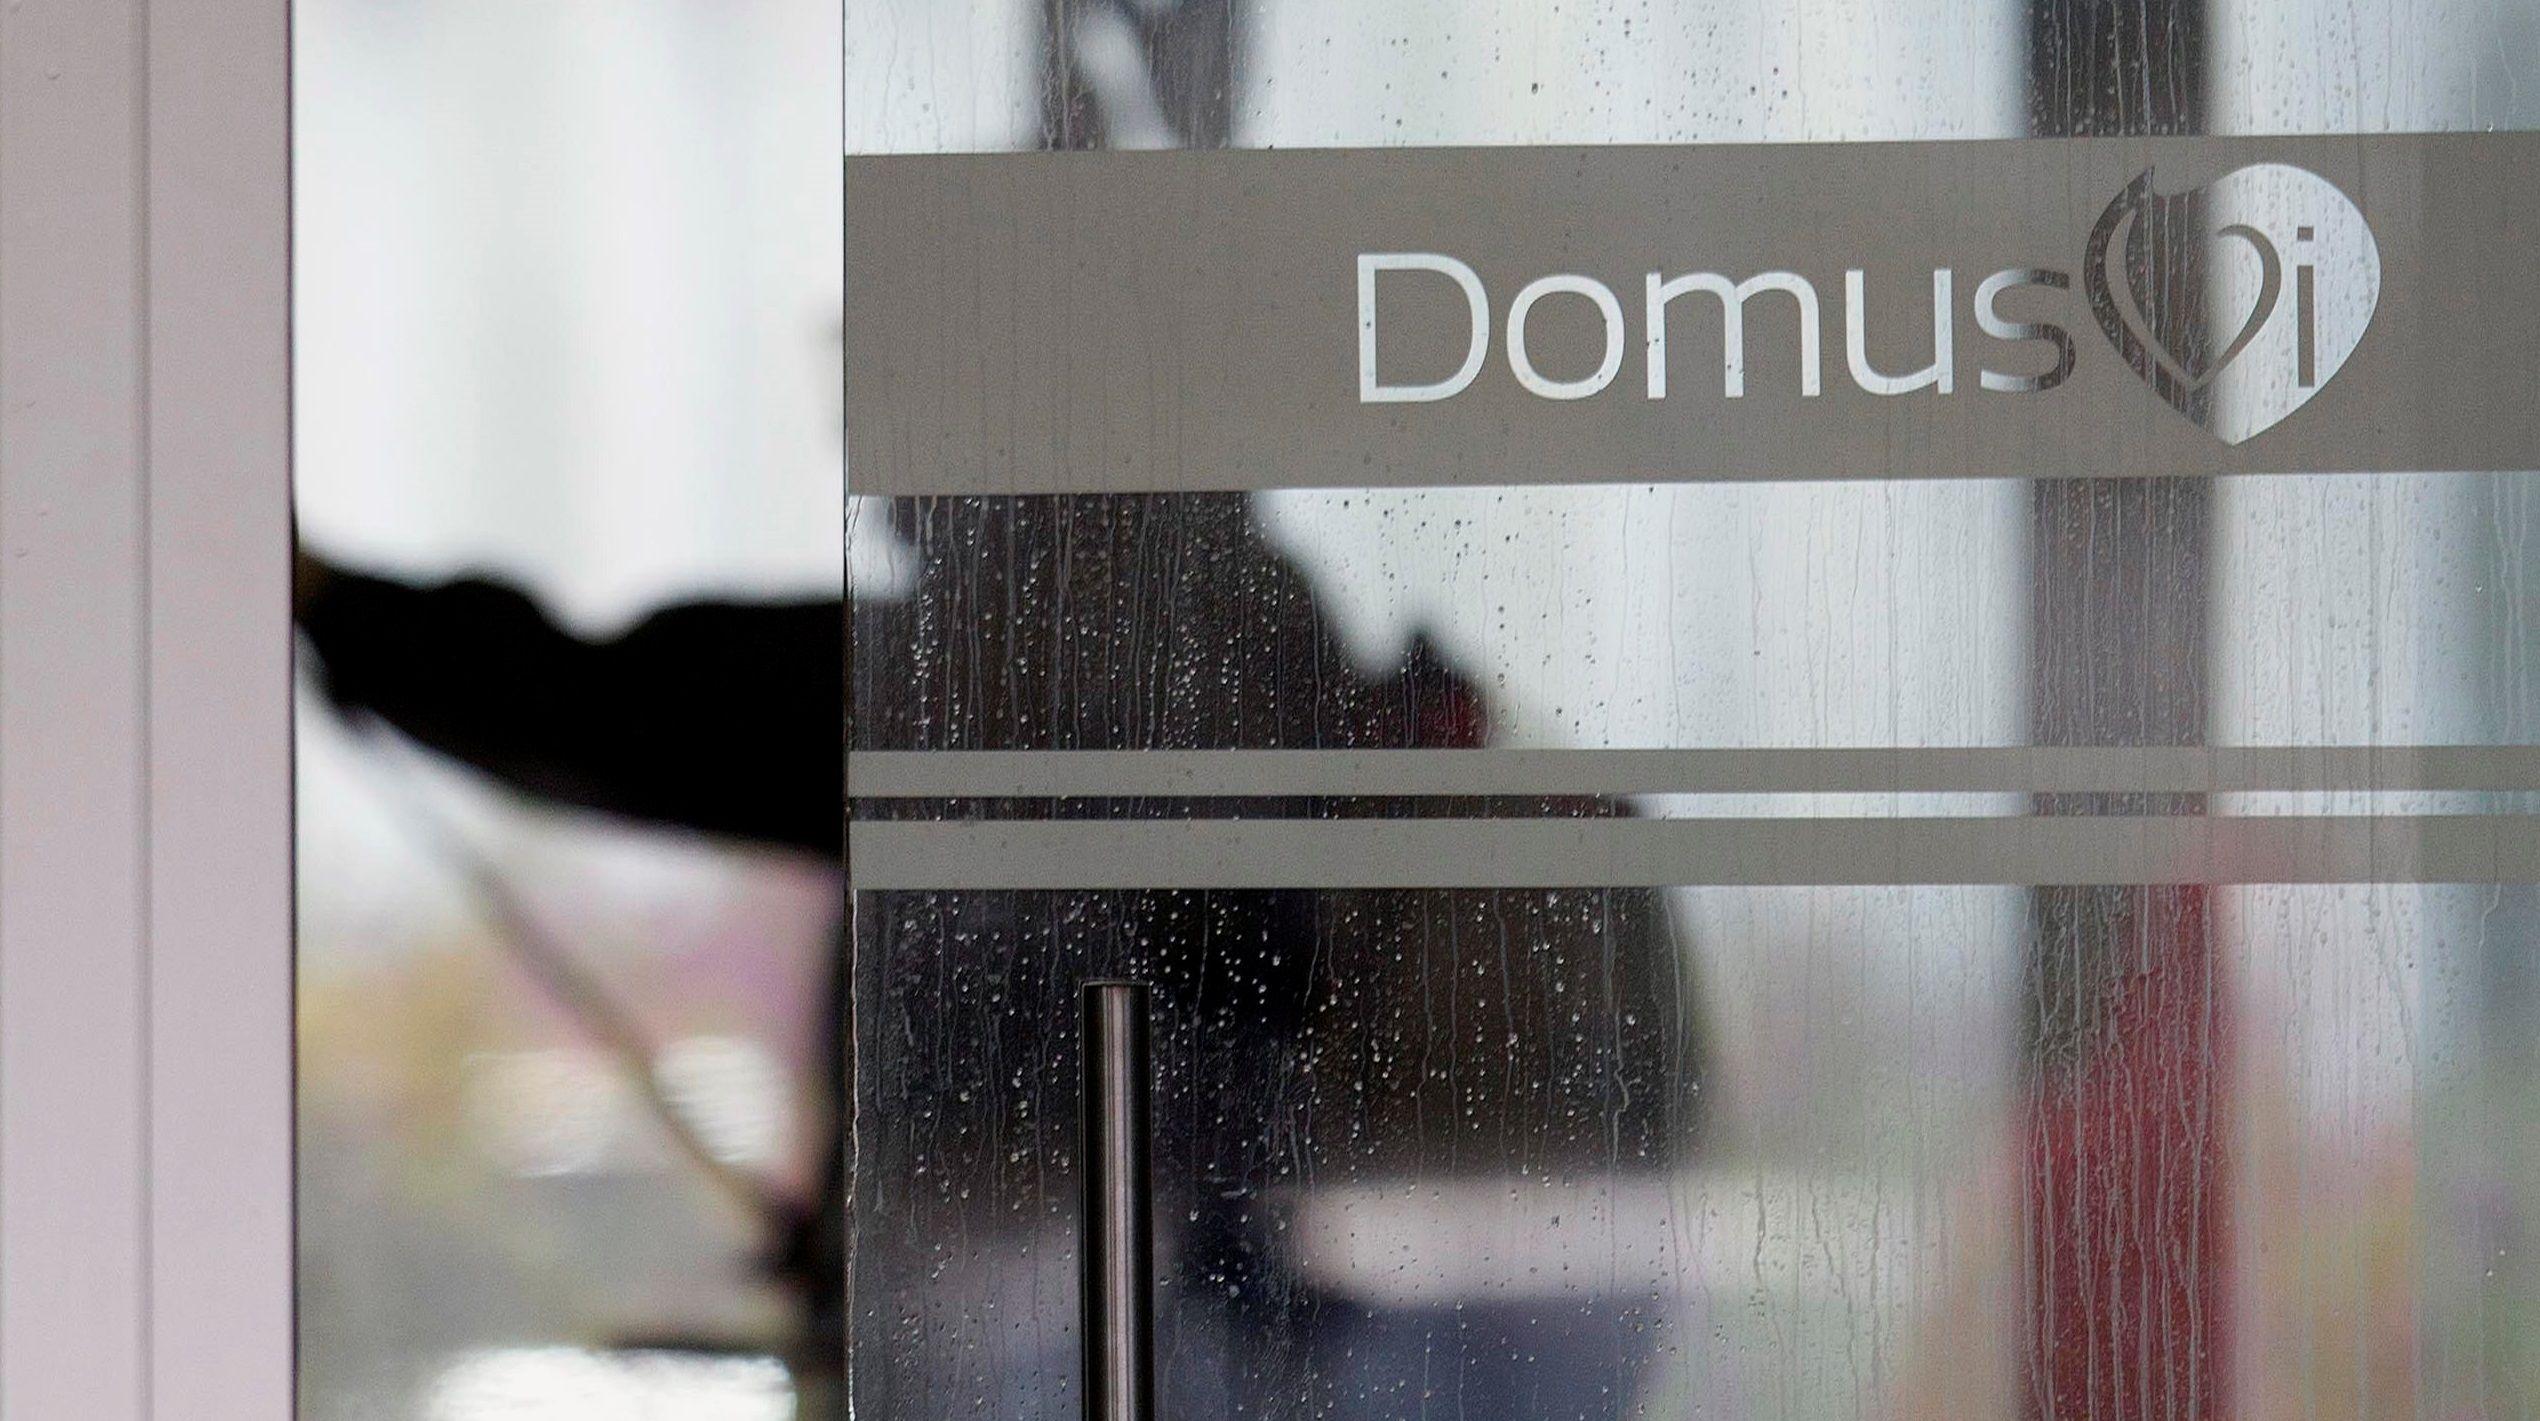 Los números de DomusVi el año del Covid: de obtener beneficios a perder 44 millones